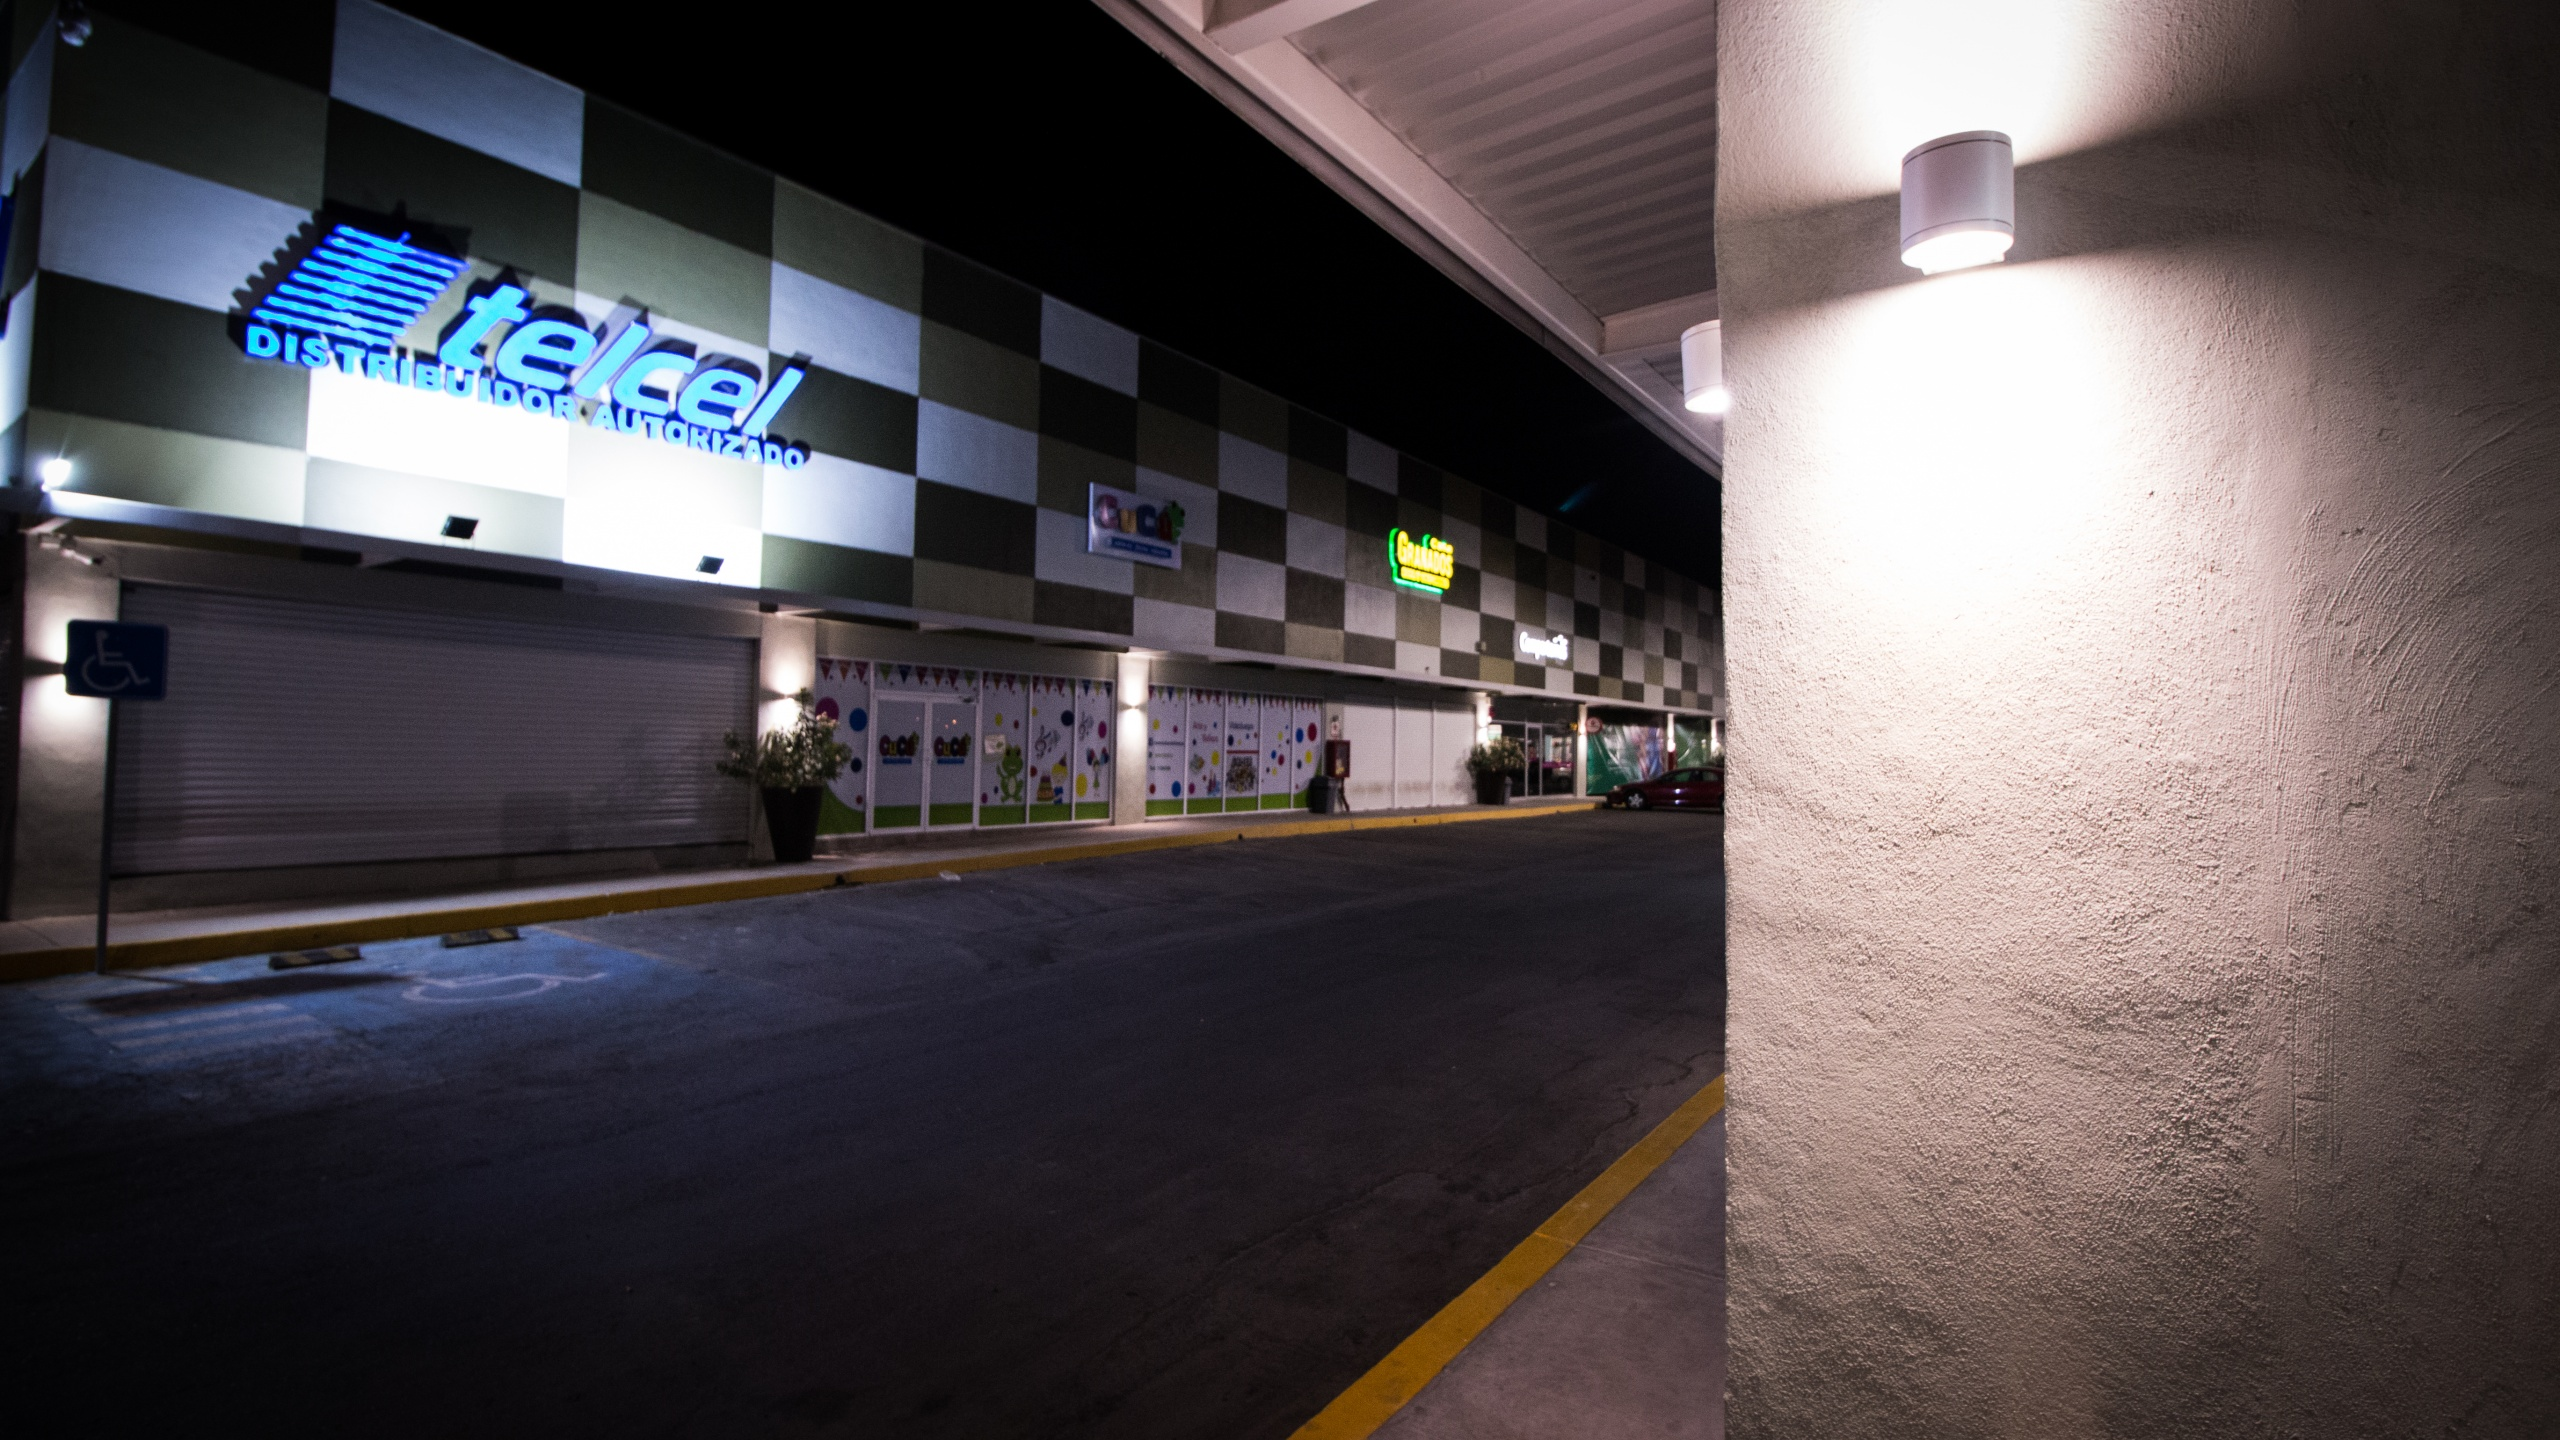 Mi plaza